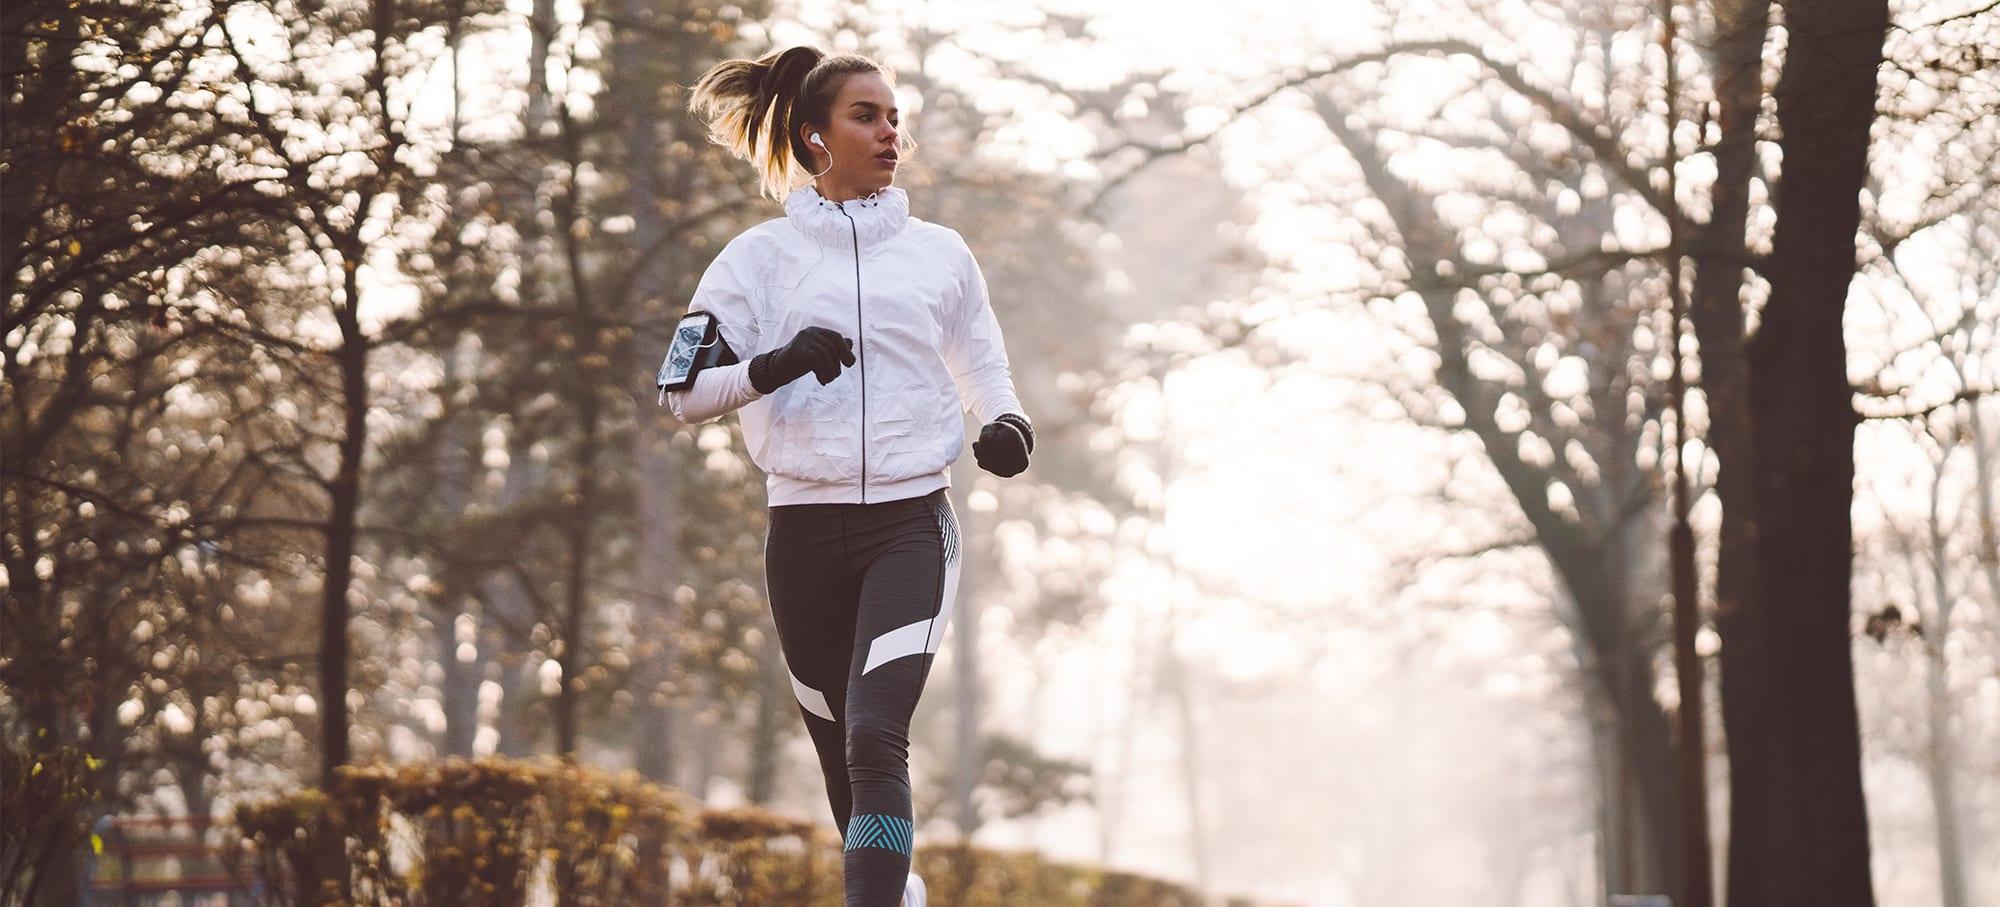 Vinkkejä juoksijoille intervalliharjoitteluun – aloittelijat ja kokeneet harrastajat